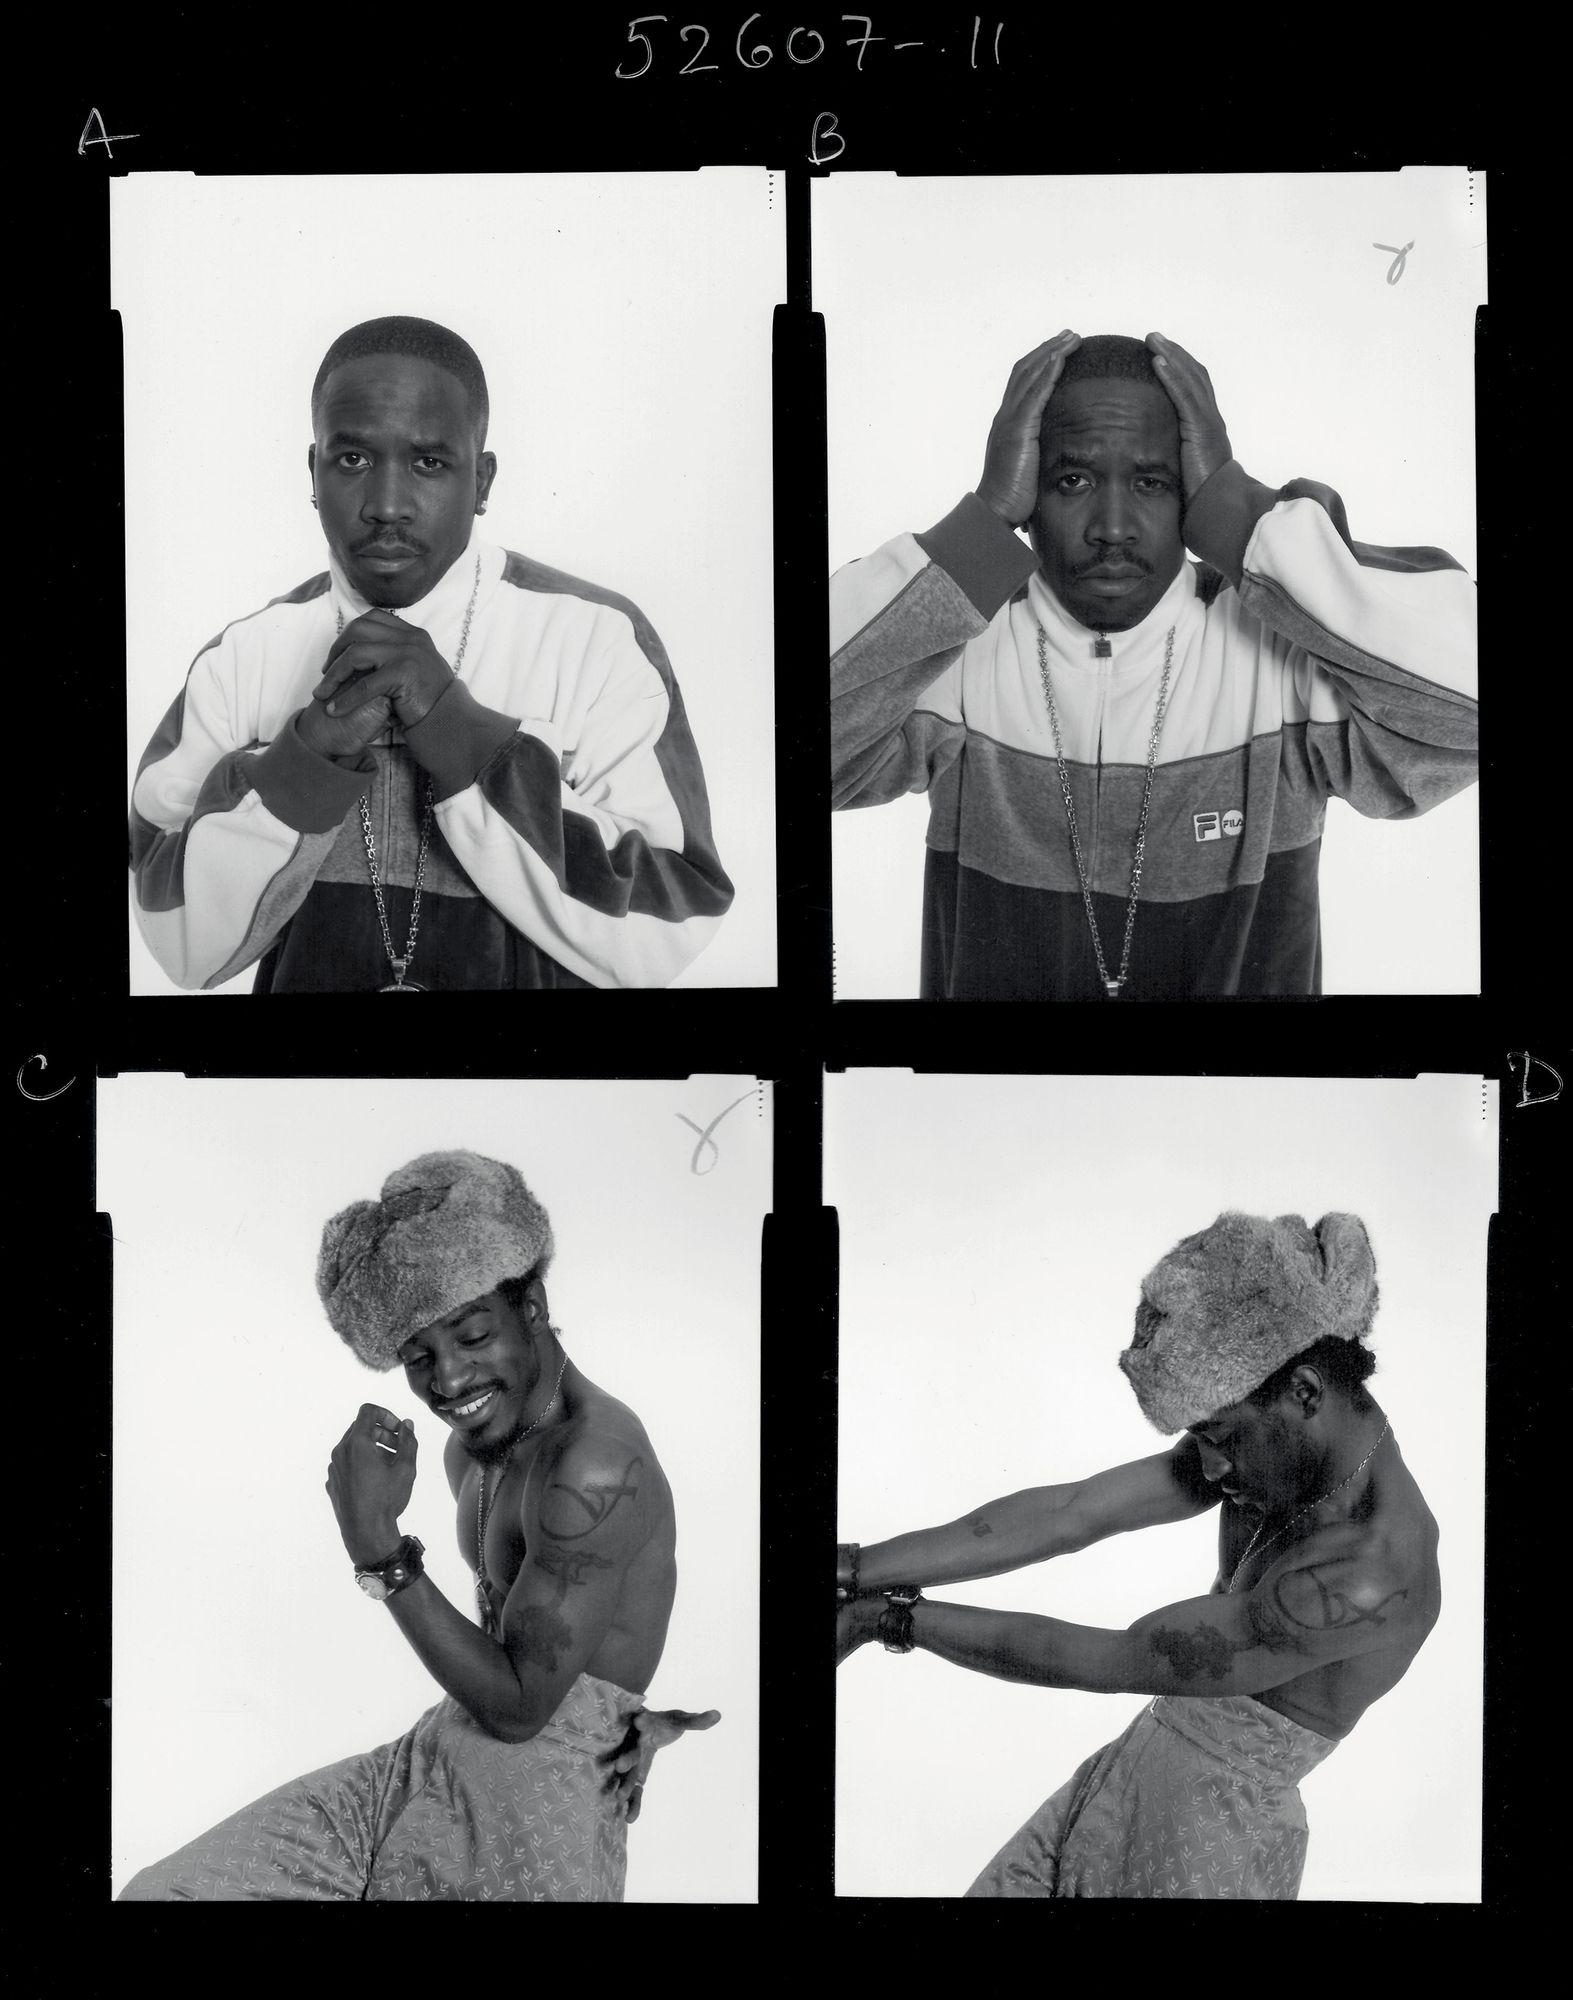 women hip hop photography